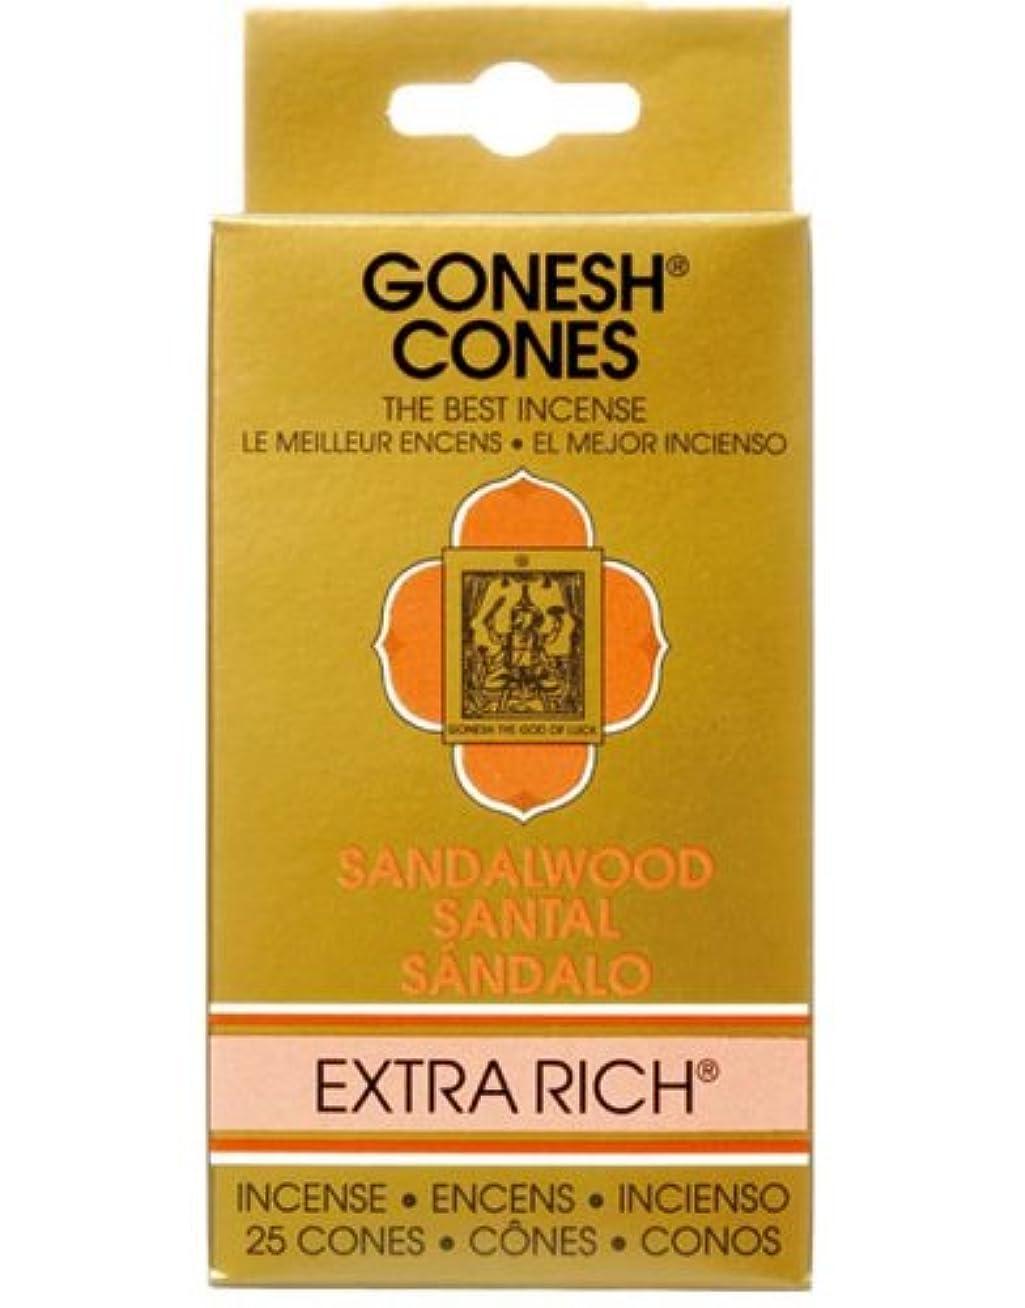 ローラー下着呼吸するガーネッシュ(GONESH) エクストラリッチ インセンス コーン サンダルウッド(白檀) 25個入(お香)